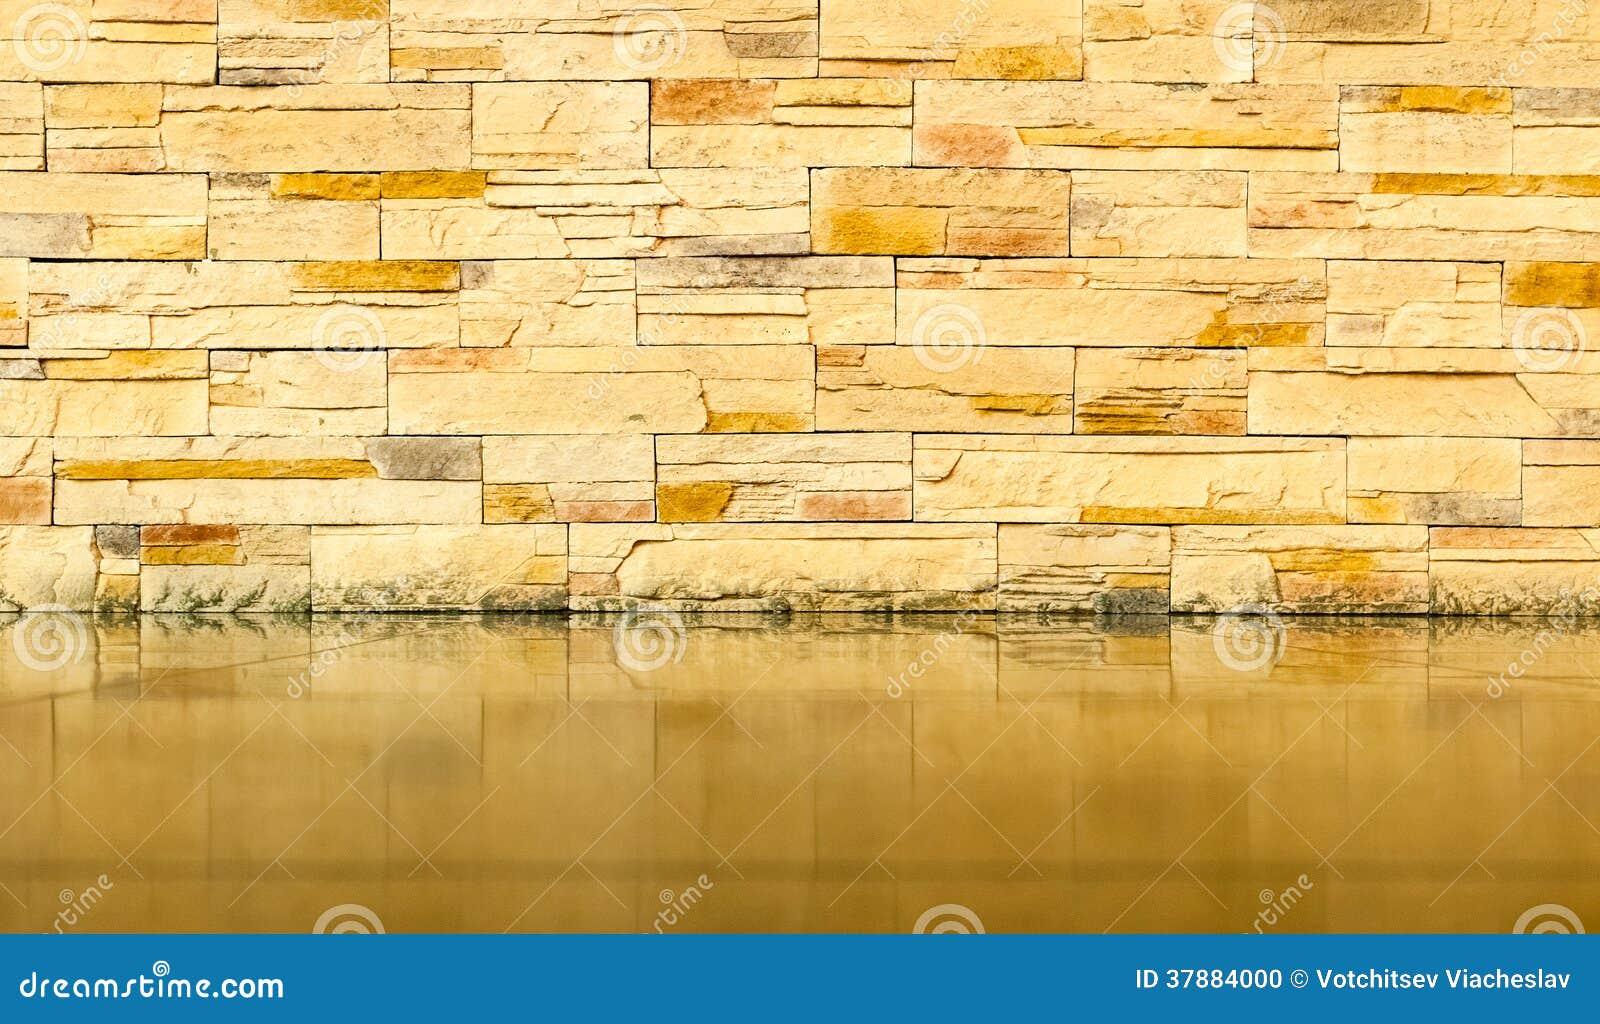 Bakstenen muur met betegelde vloer